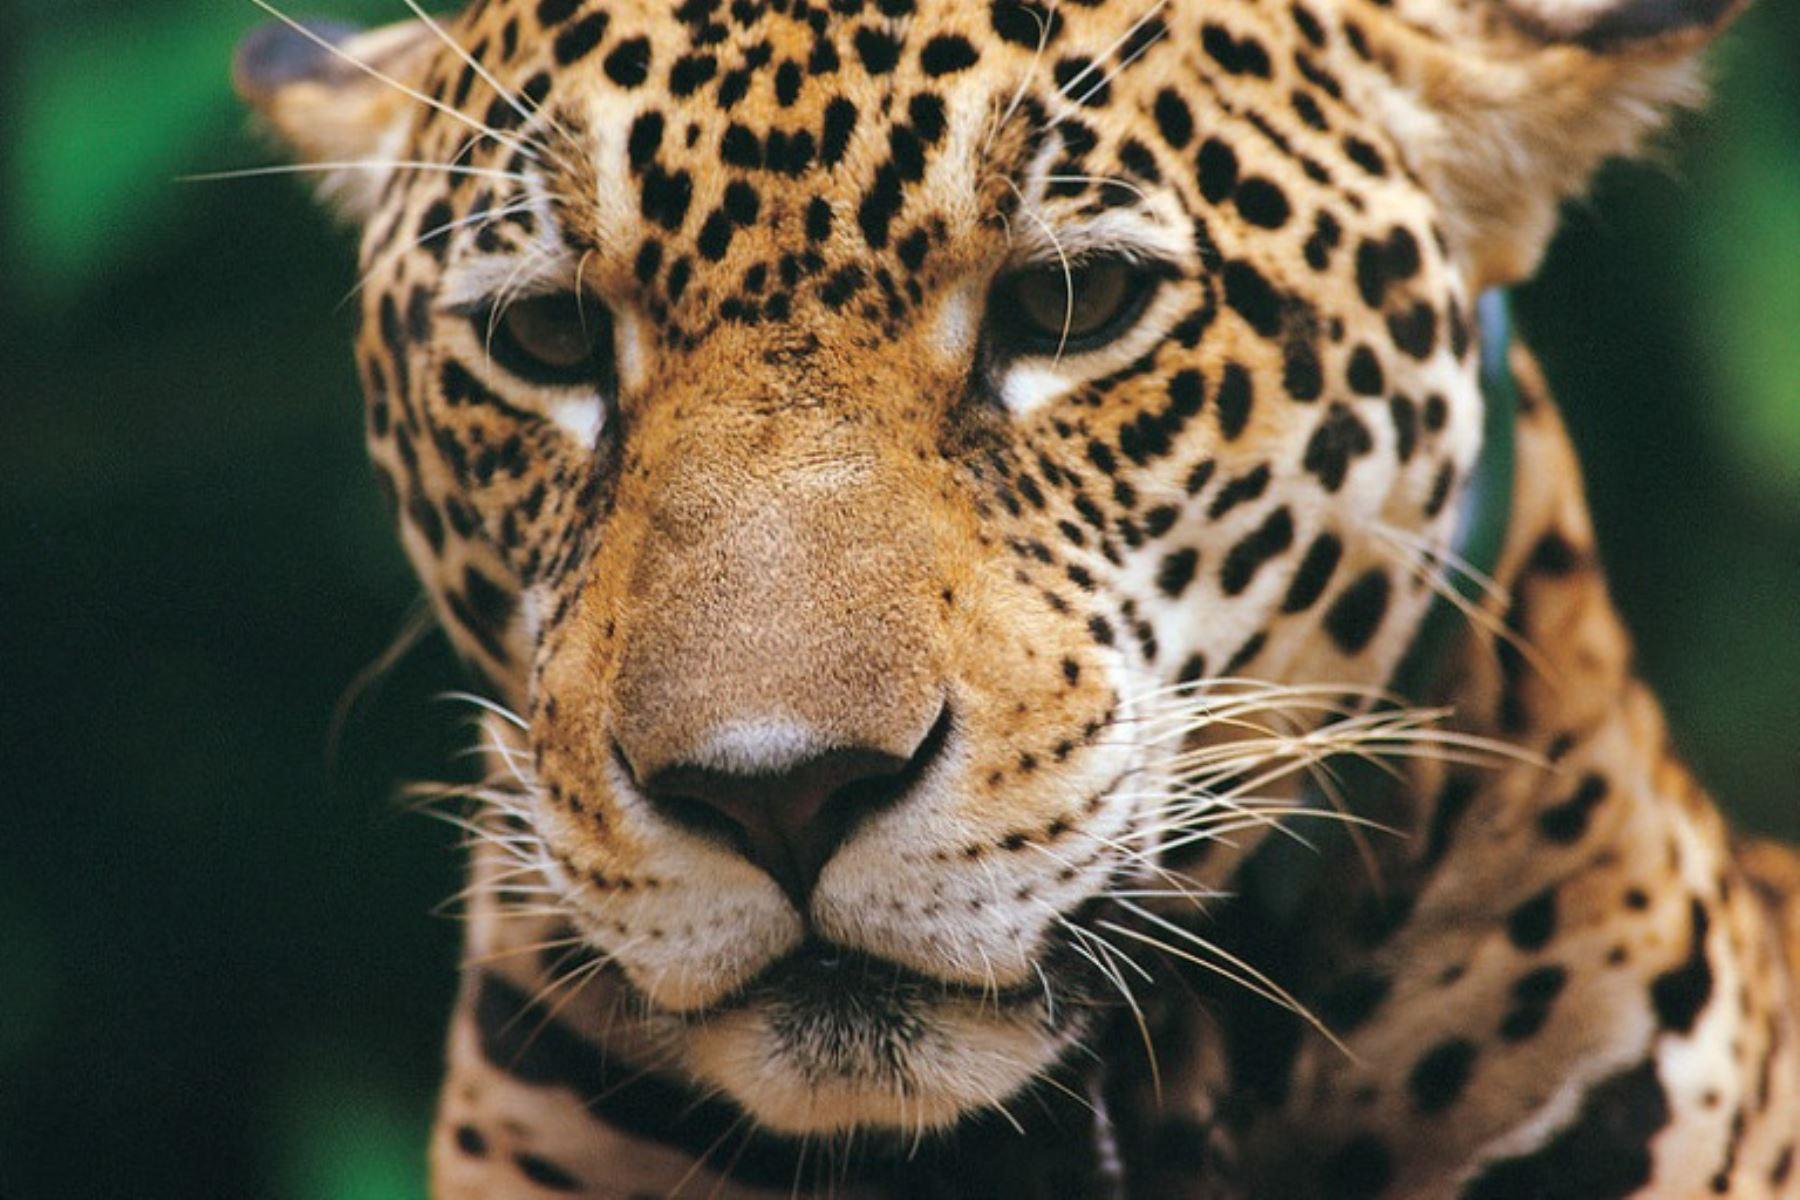 Plan de Conservación del Jaguar estará listo el año 2020, anunció el Sernanp. Foto: Sernanp